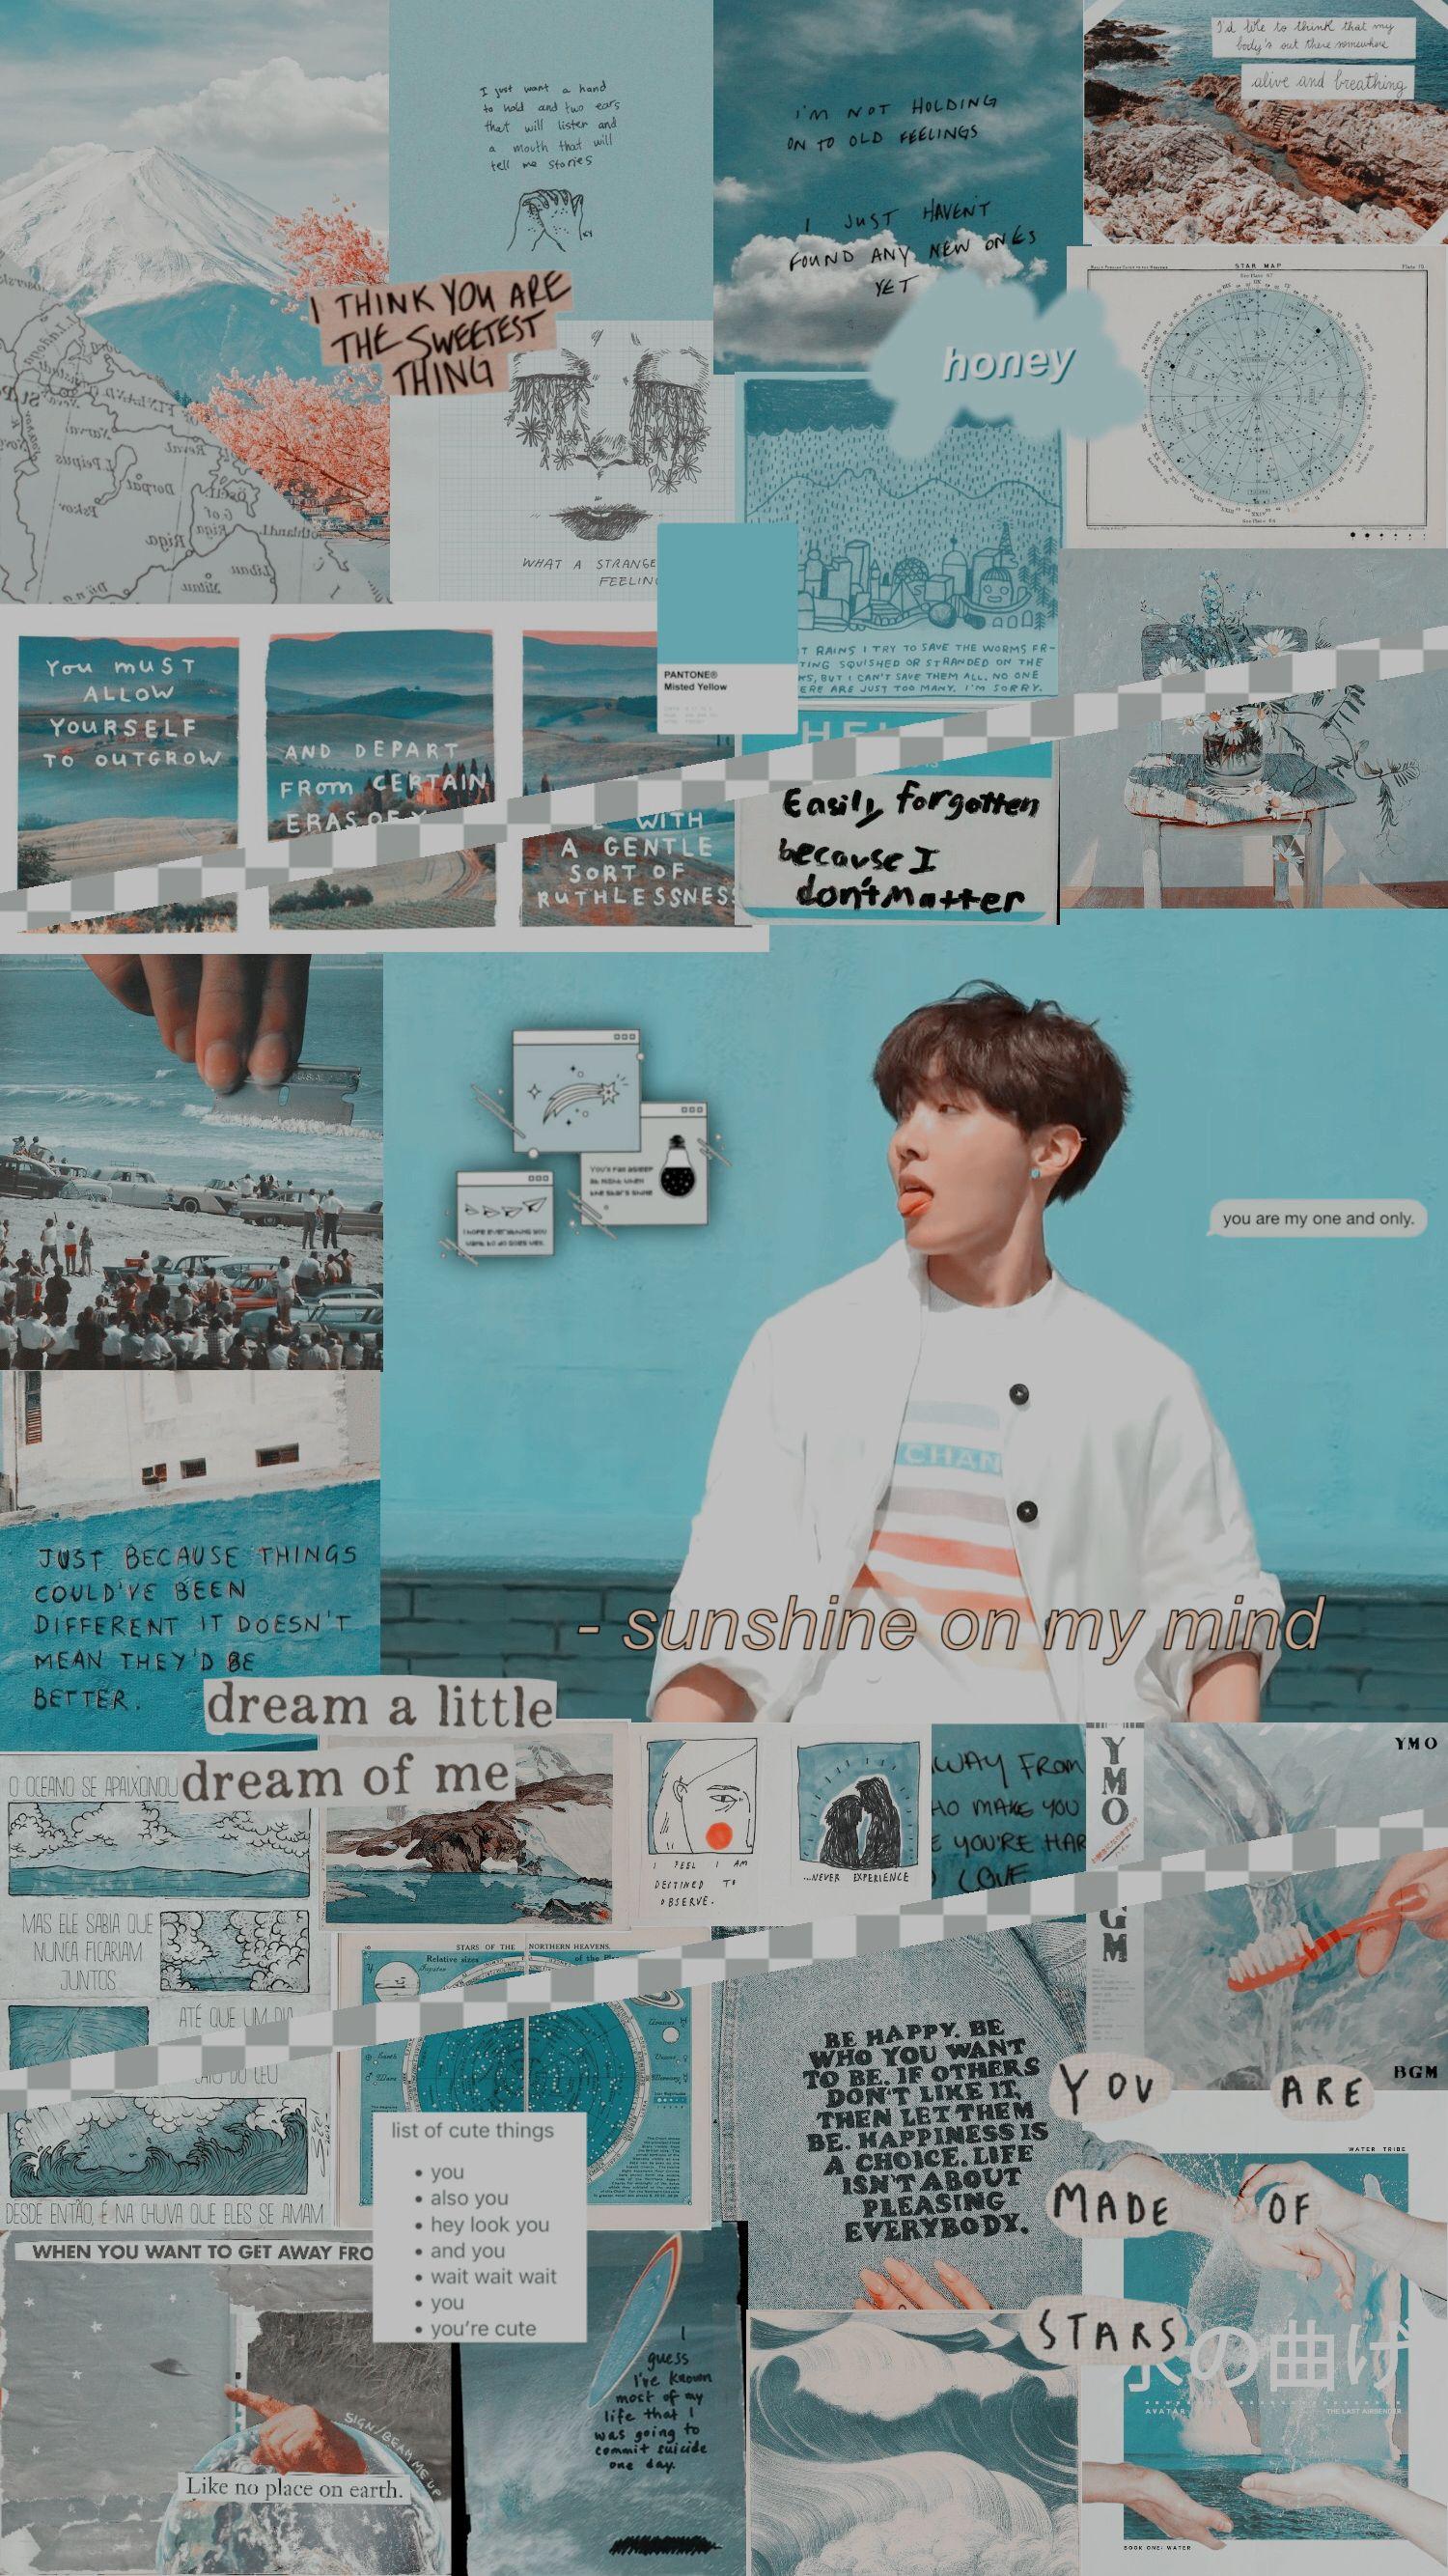 Jhope Hoseok Bts Kpop Wallpaper Lockscreen Blue Bts Hope Wallpaper J Hope Aesthetic Wallpaper Bts Aesthetic Pictures Bts aesthetic wallpaper kpop